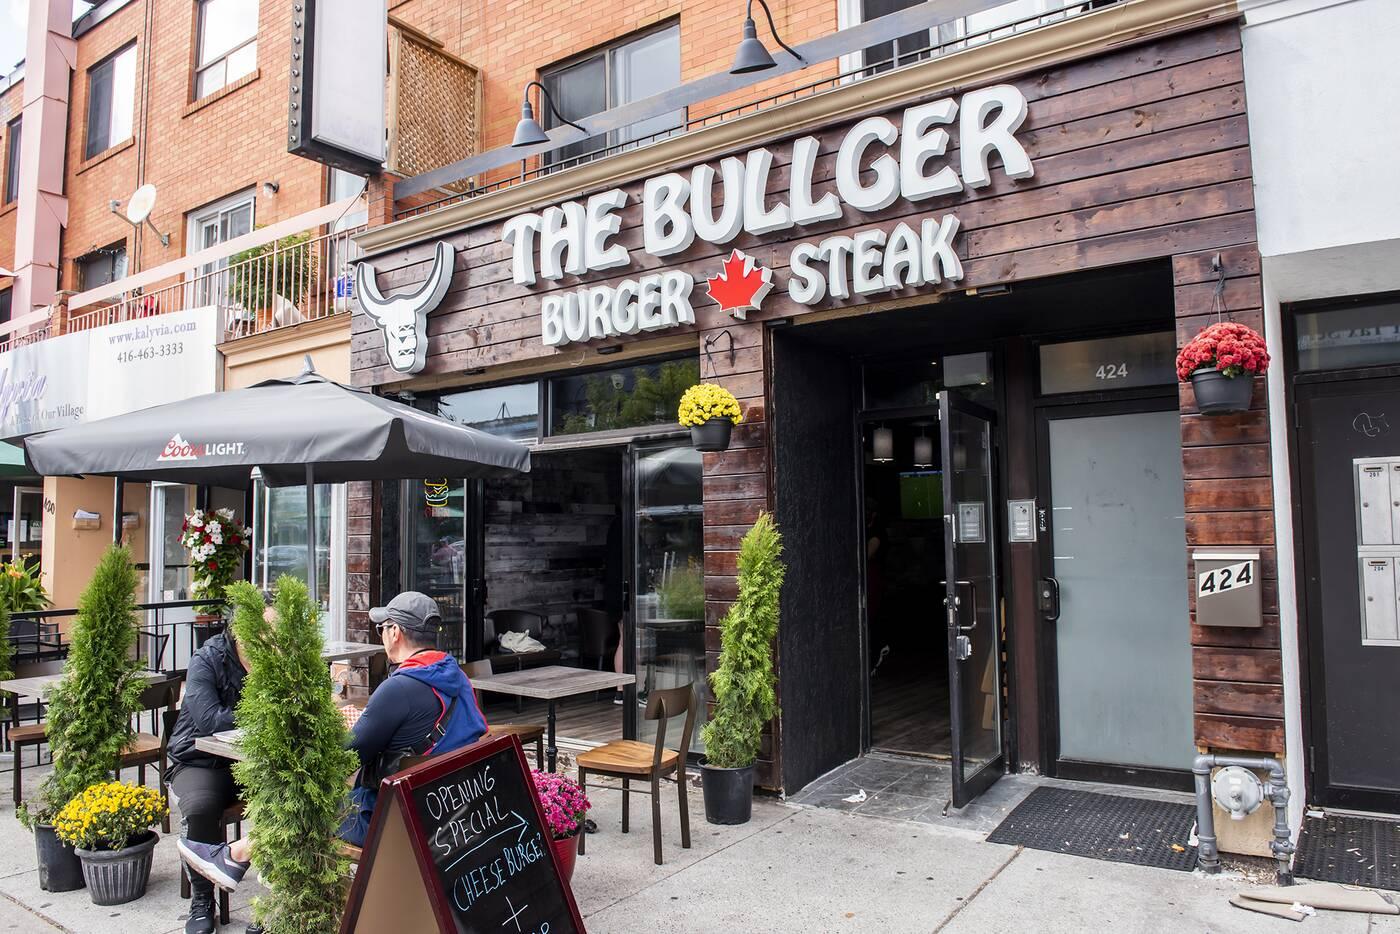 Bullger Toronto